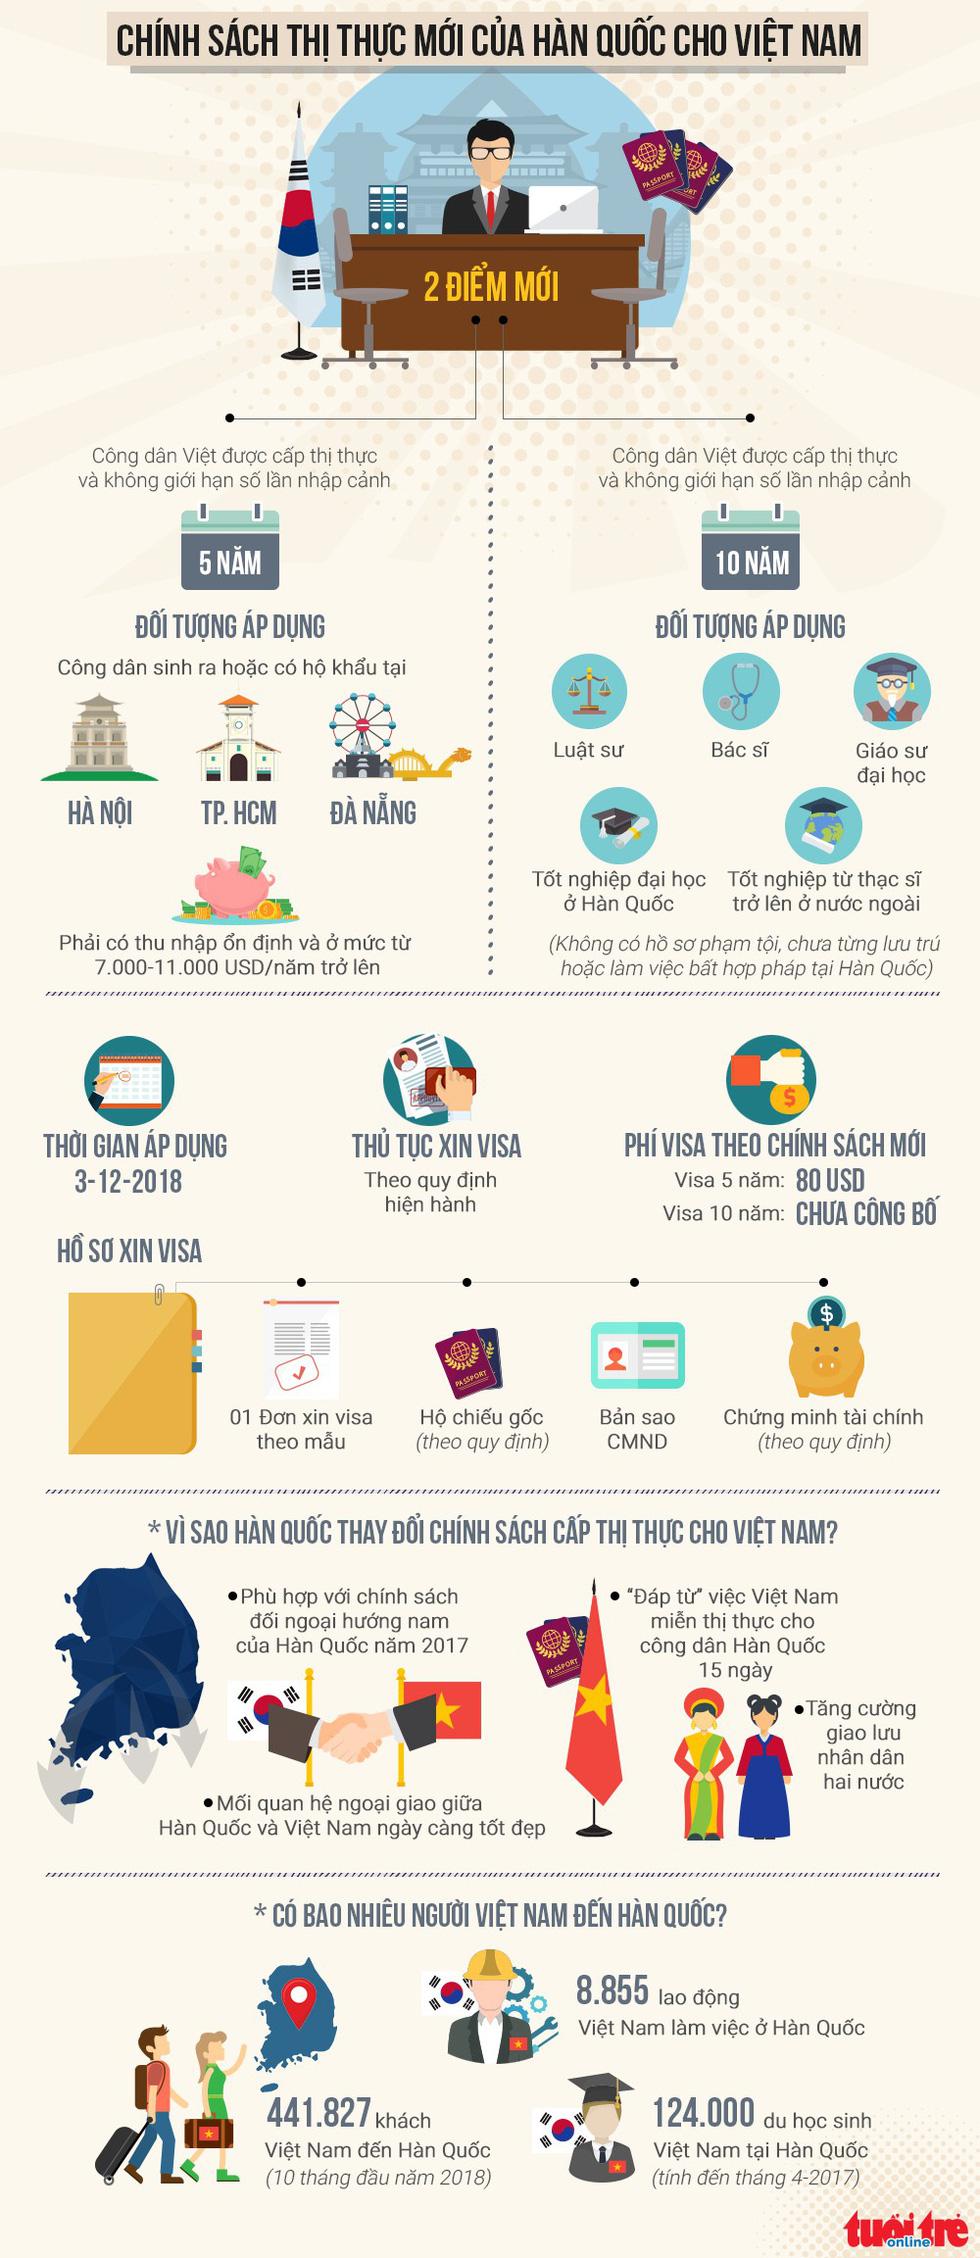 visa korea 3 1543484563087402260202 1 Toàn cảnh chính sách thị thực mới của Hàn Quốc cho người Việt